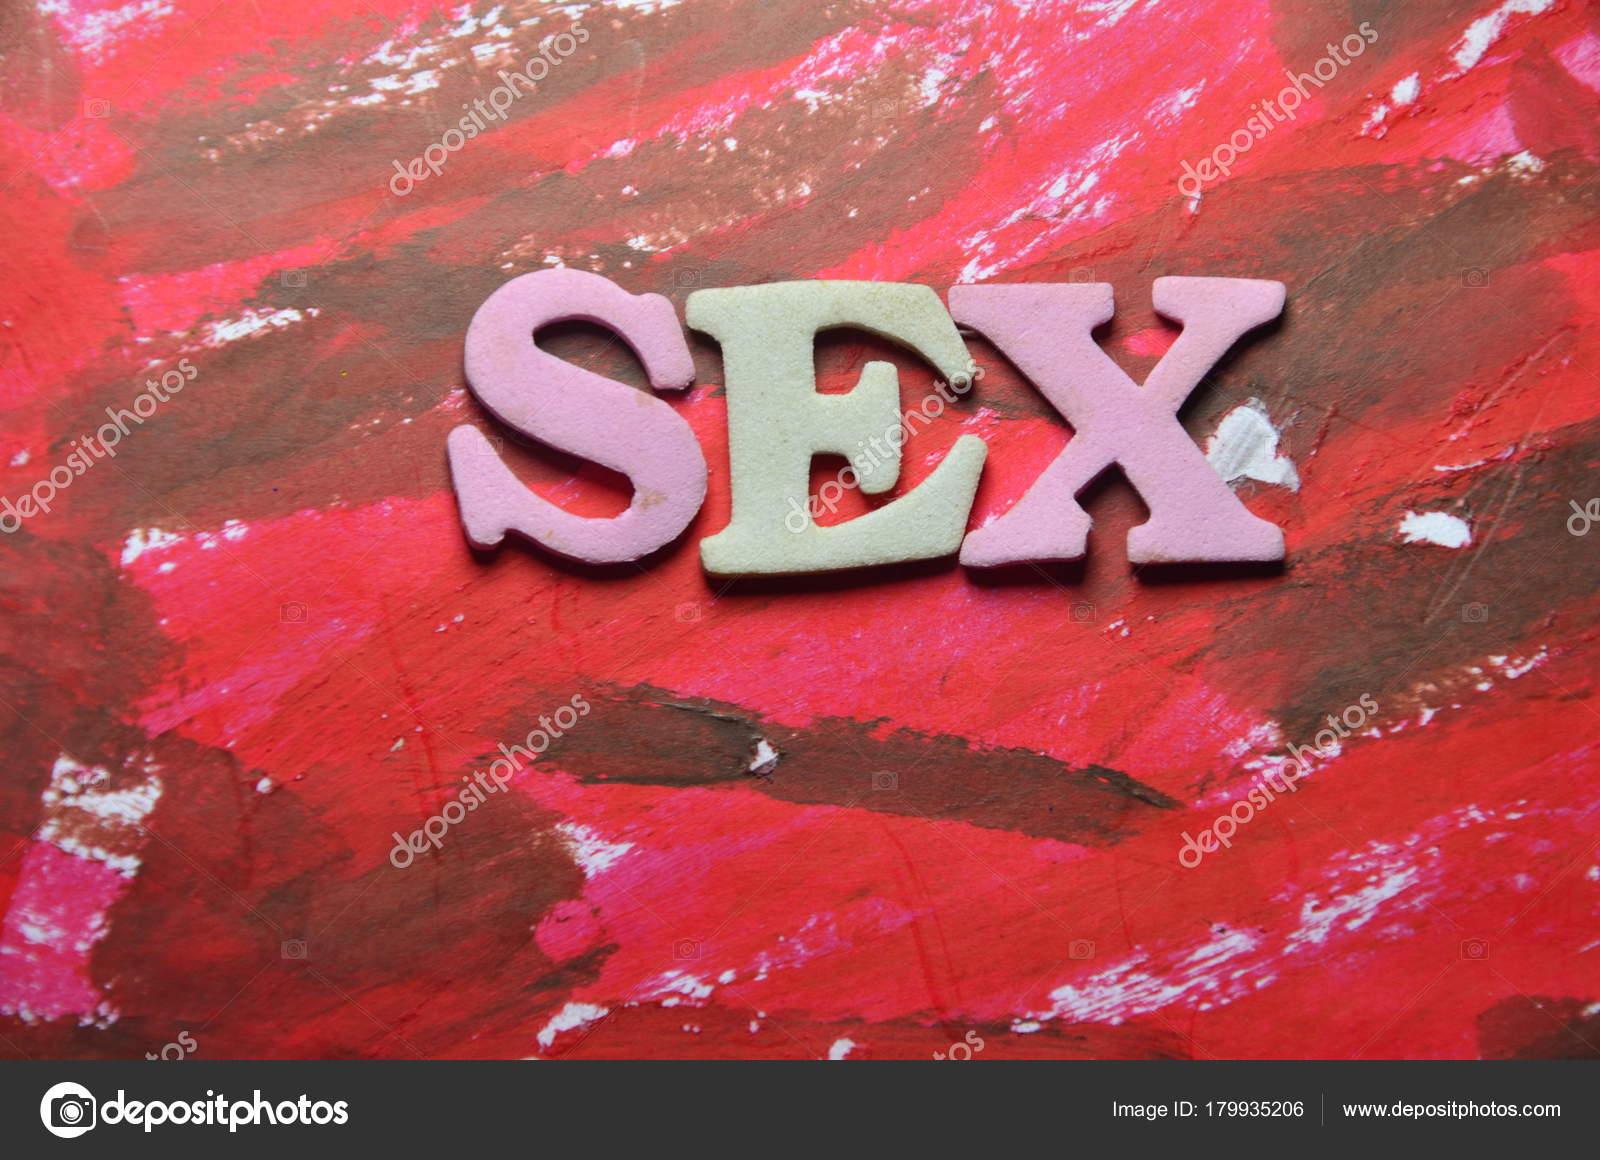 λέξη για το σεξΌχι άλλα ραντεβού με το Μπάρλοου κορίτσι